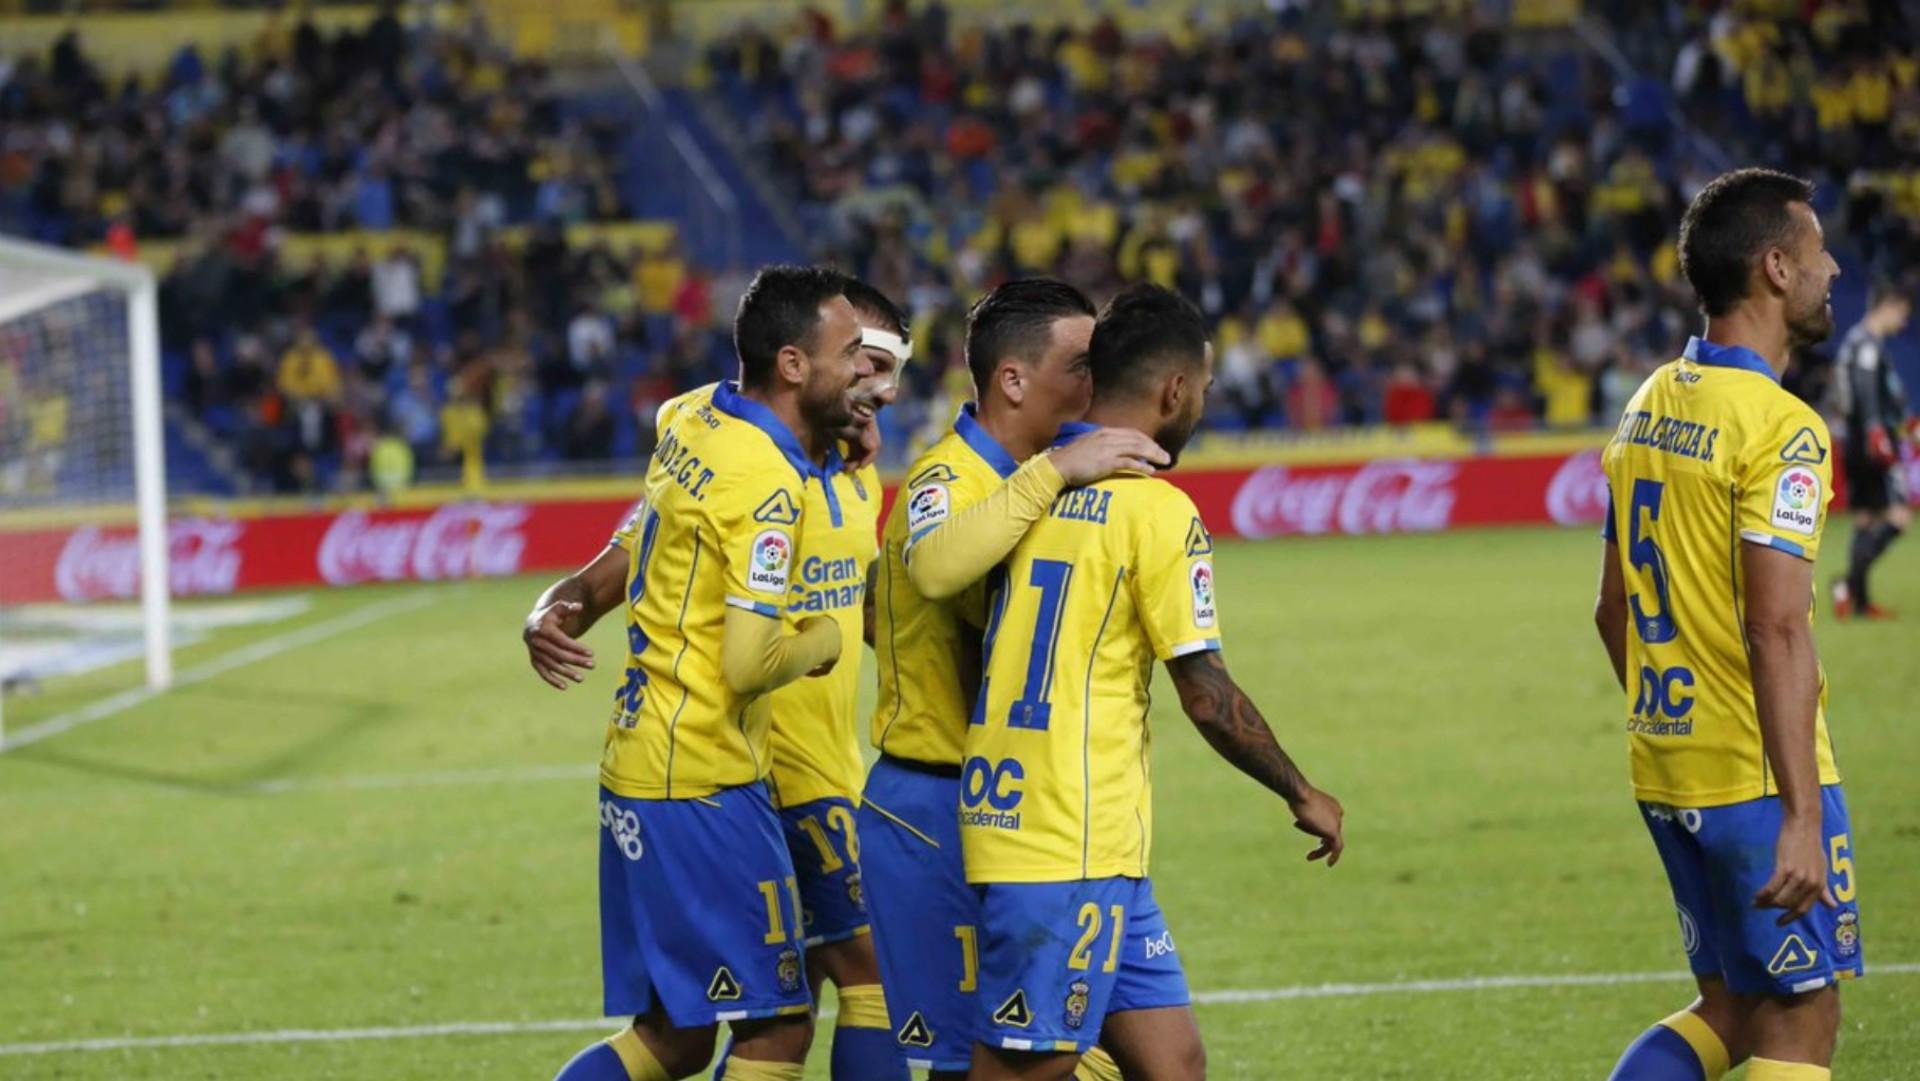 Las Palmas Athletic Club LaLiga.